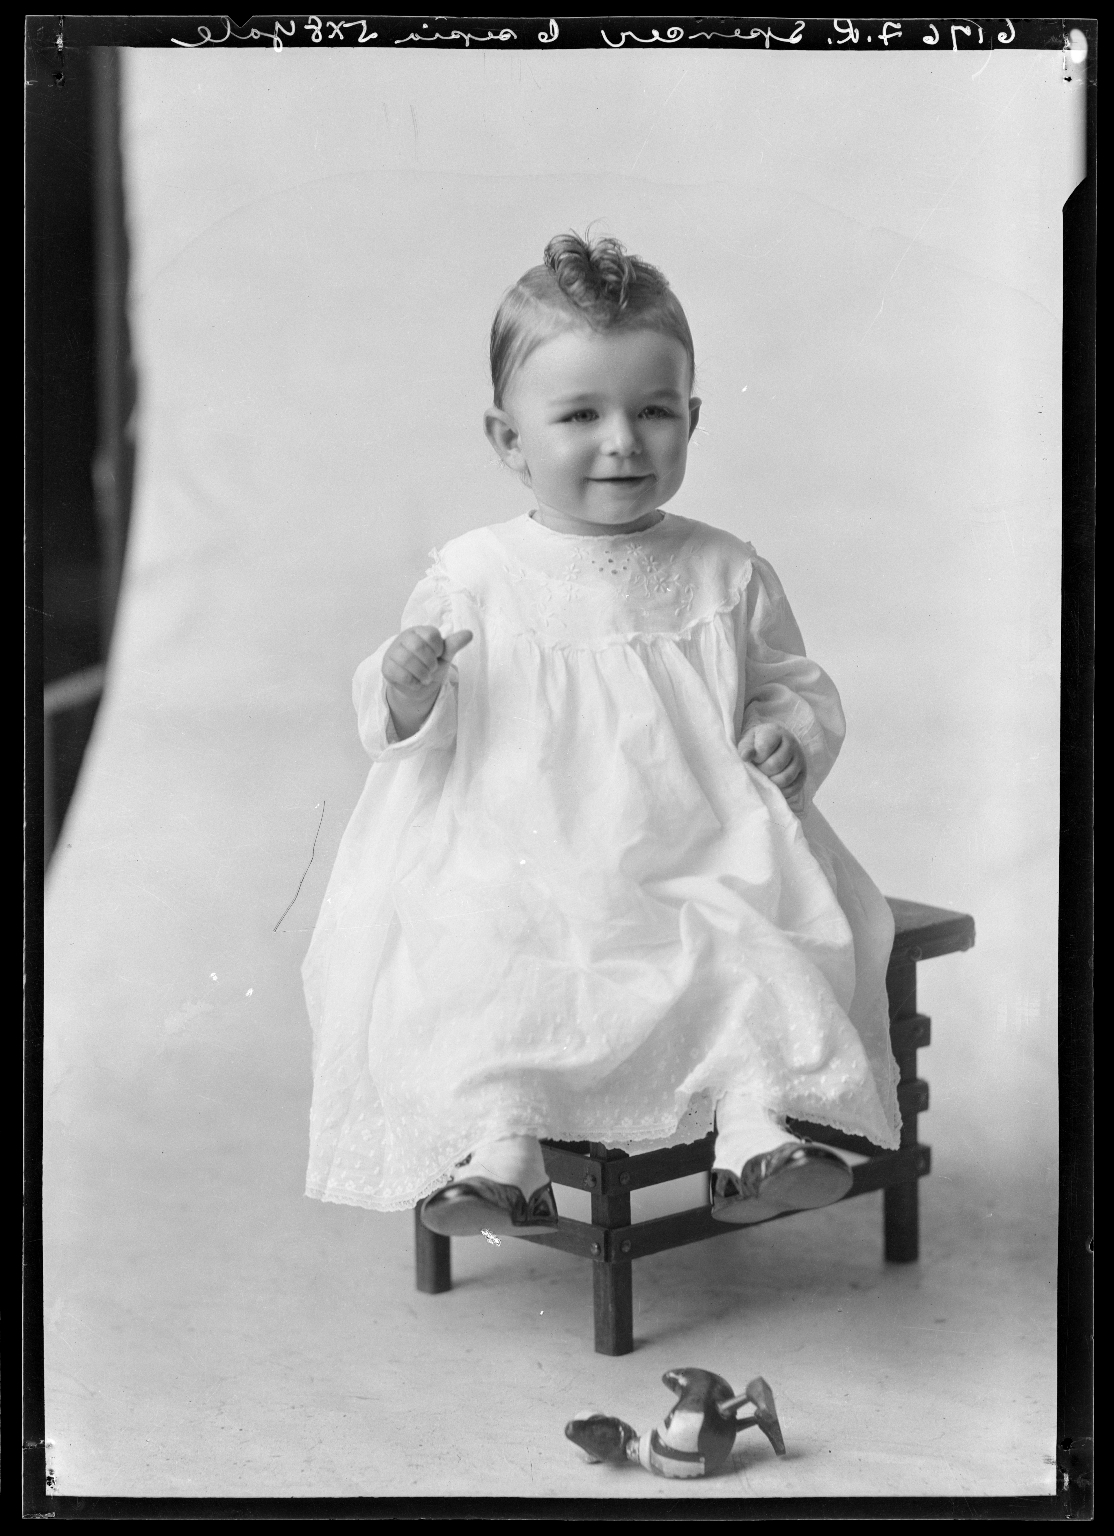 Portrait of Robert Spencer, son of Mrs. F. R. Spencer.